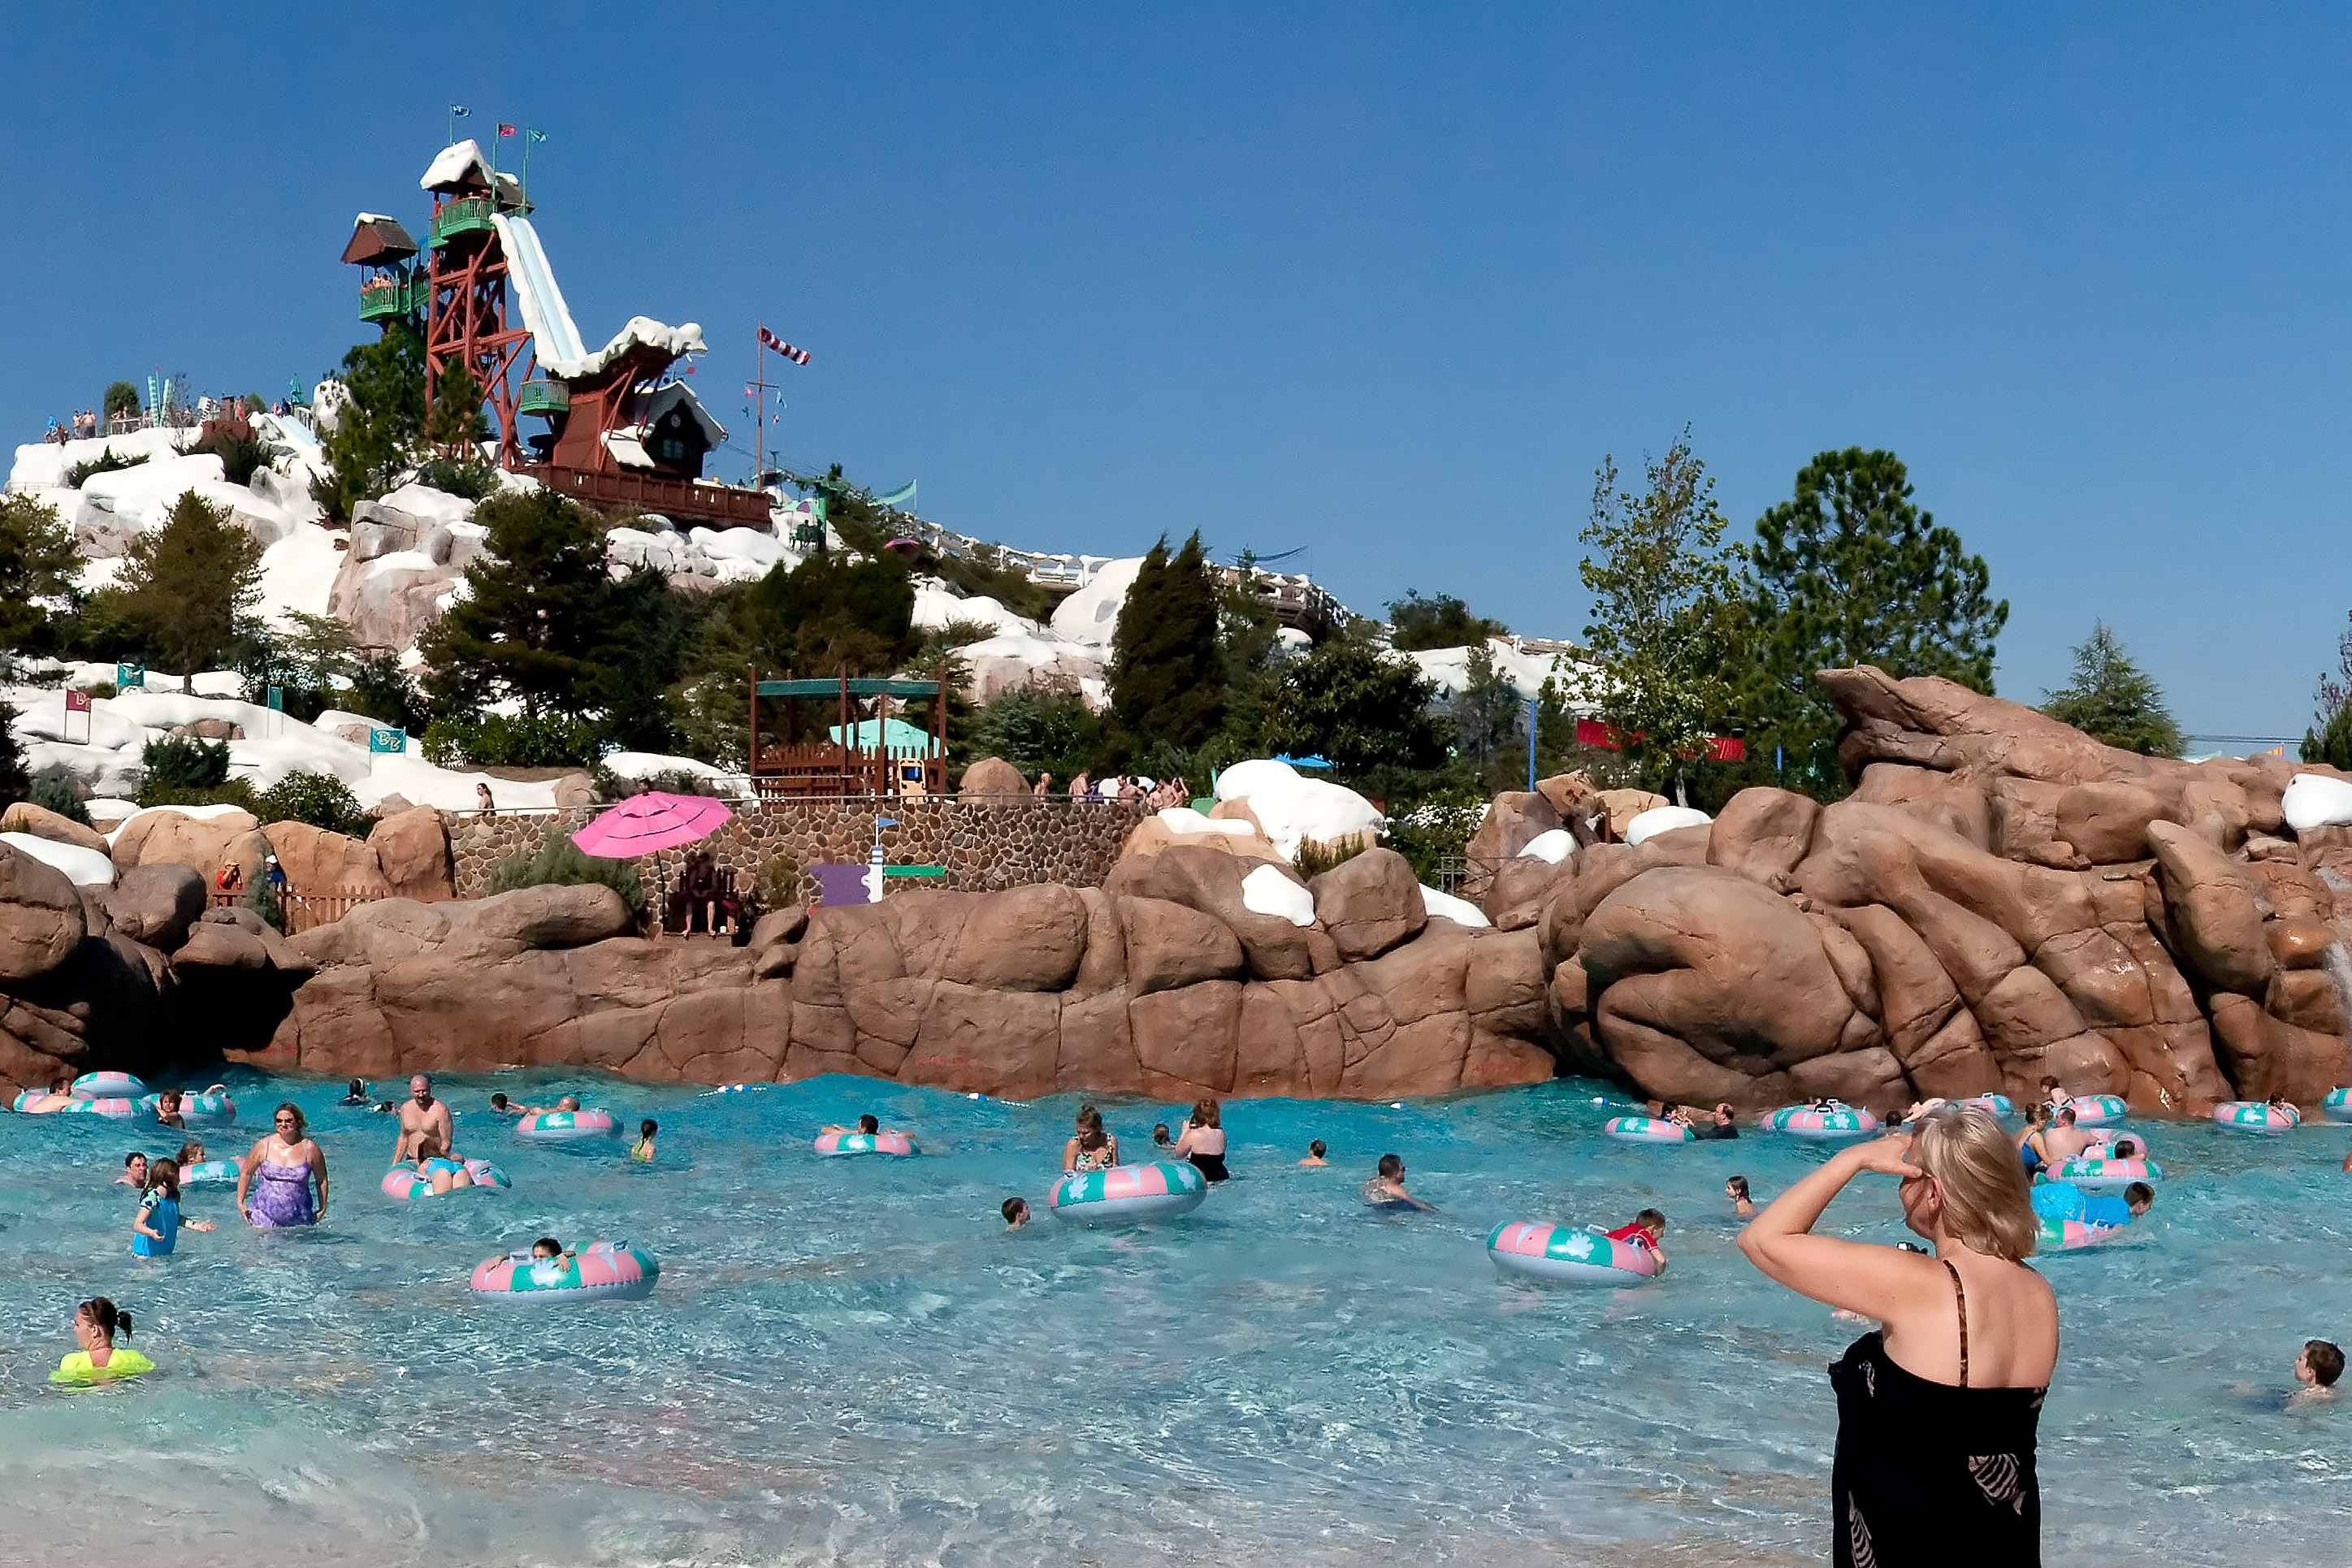 Parque aquático Disney's Blizzard Beach em Orlando, Estados Unidos